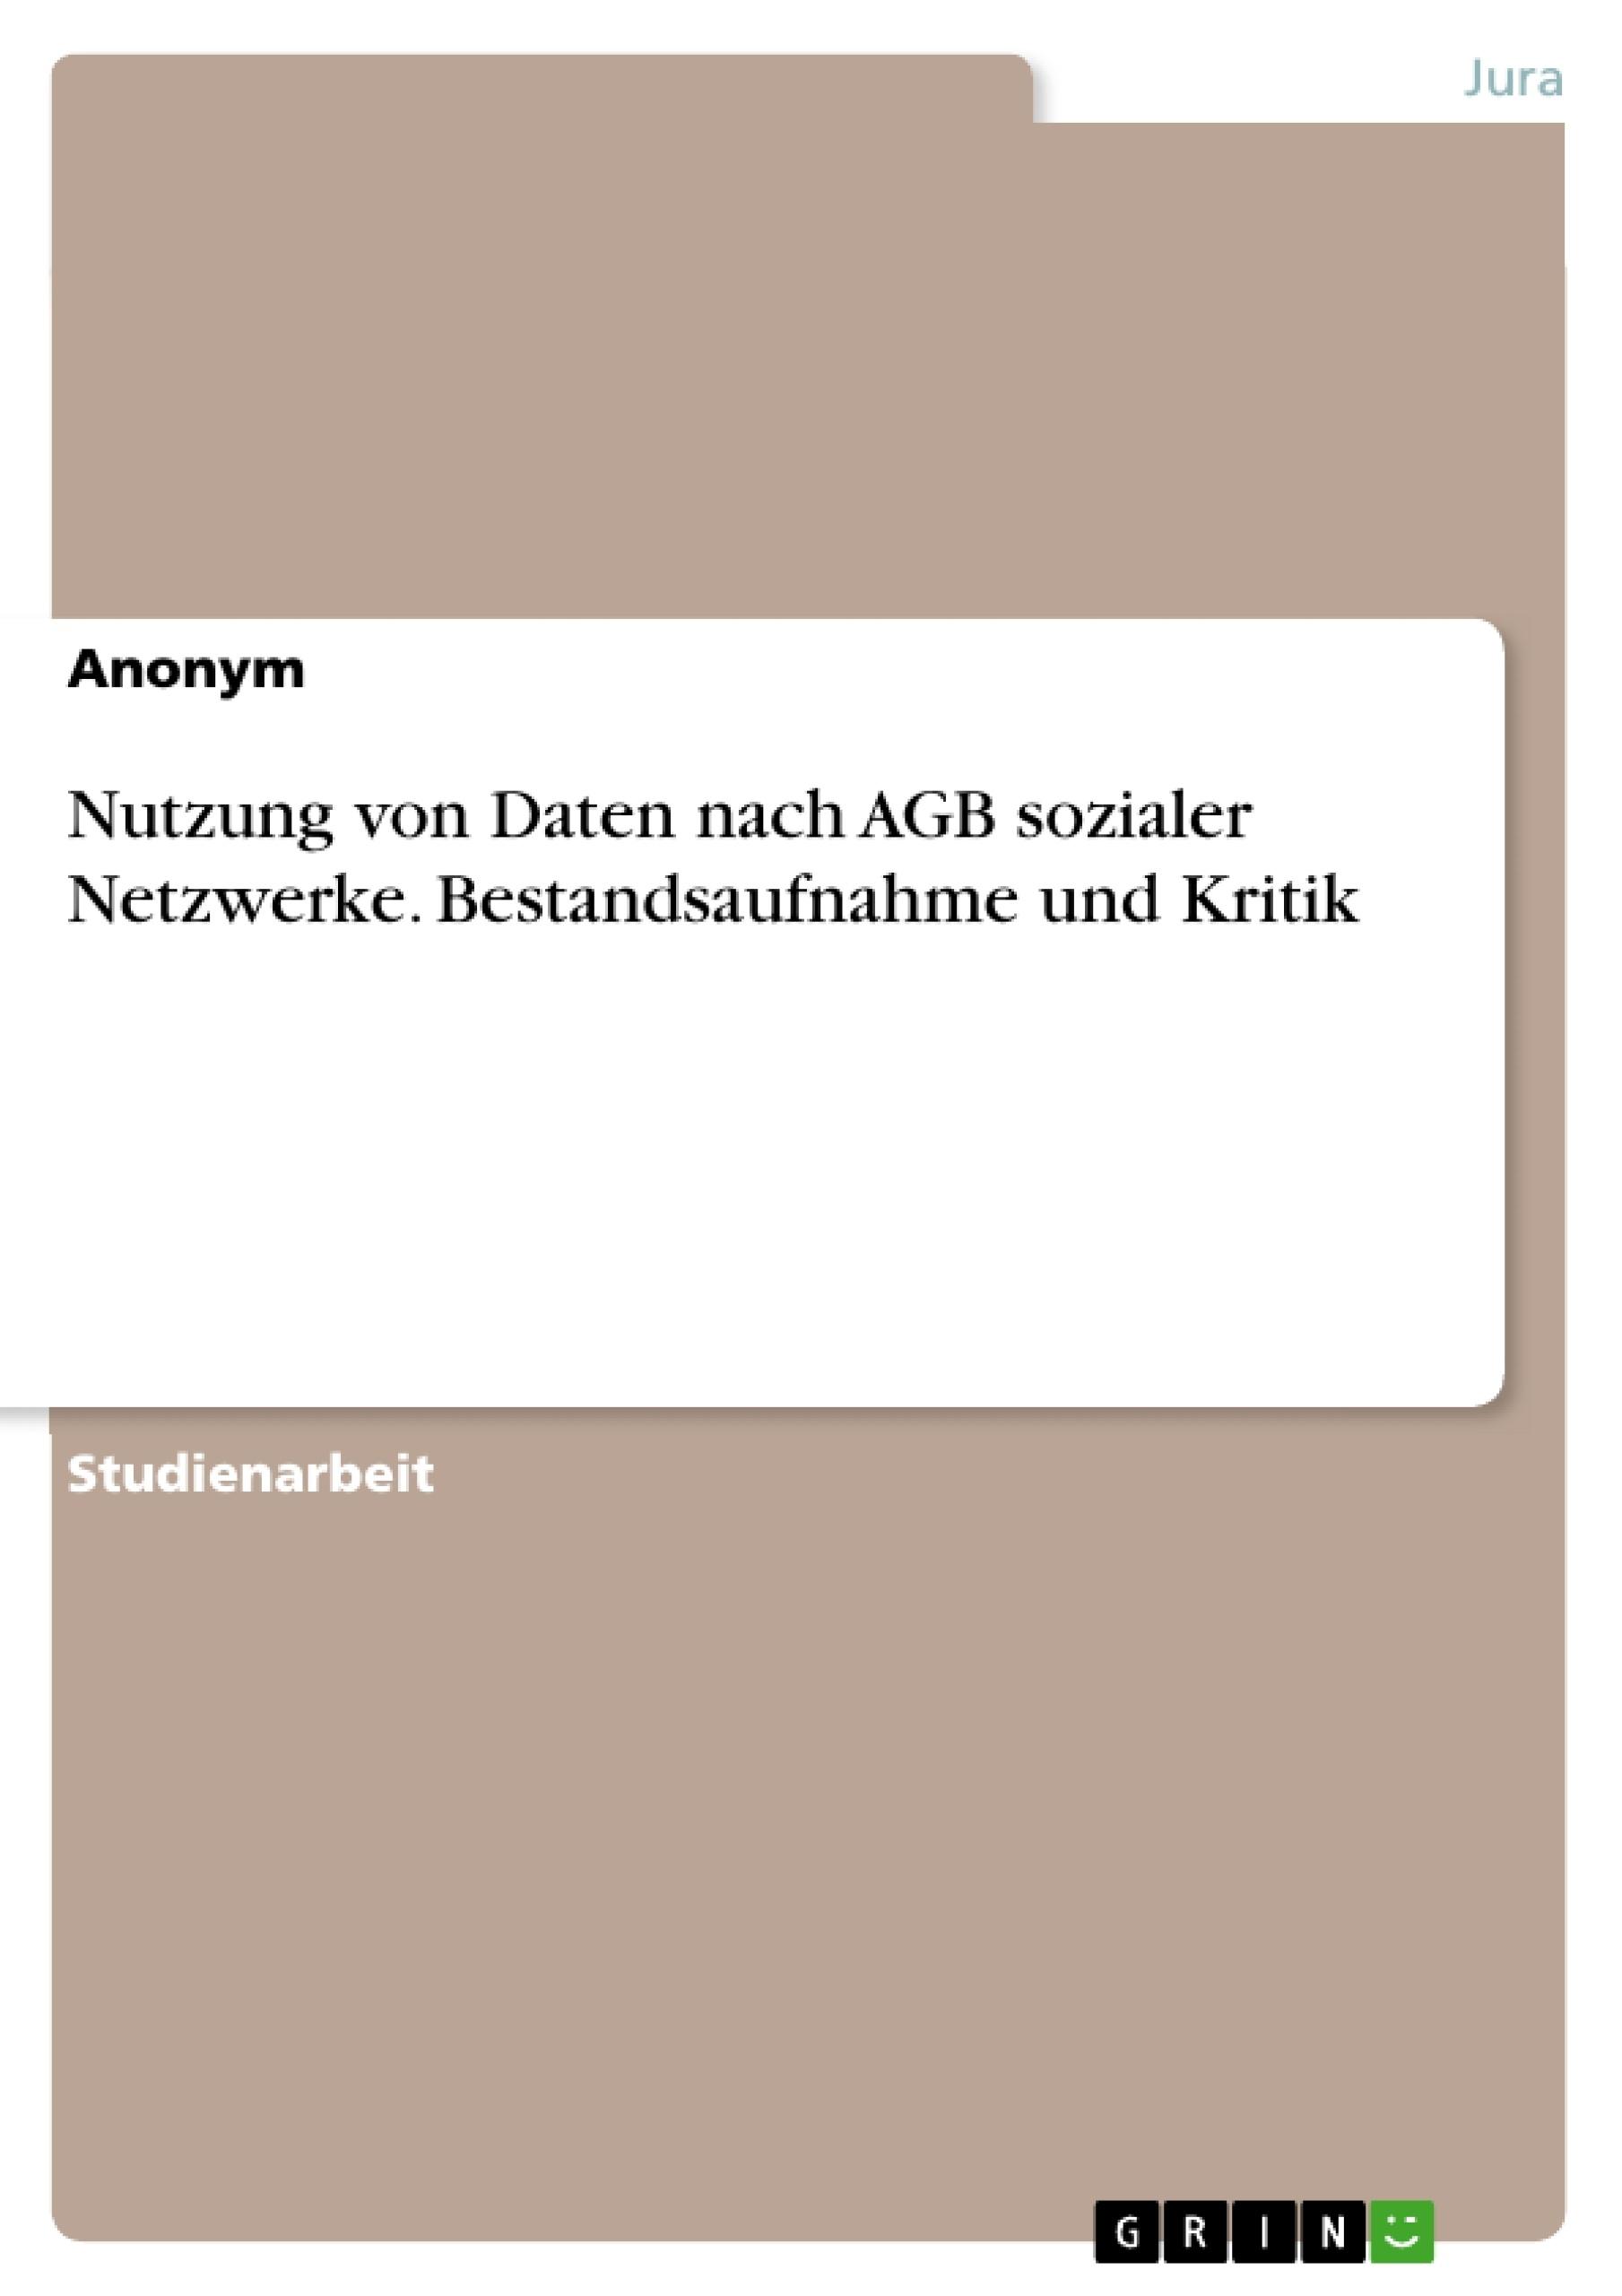 Titel: Nutzung von Daten nach AGB sozialer Netzwerke. Bestandsaufnahme und Kritik